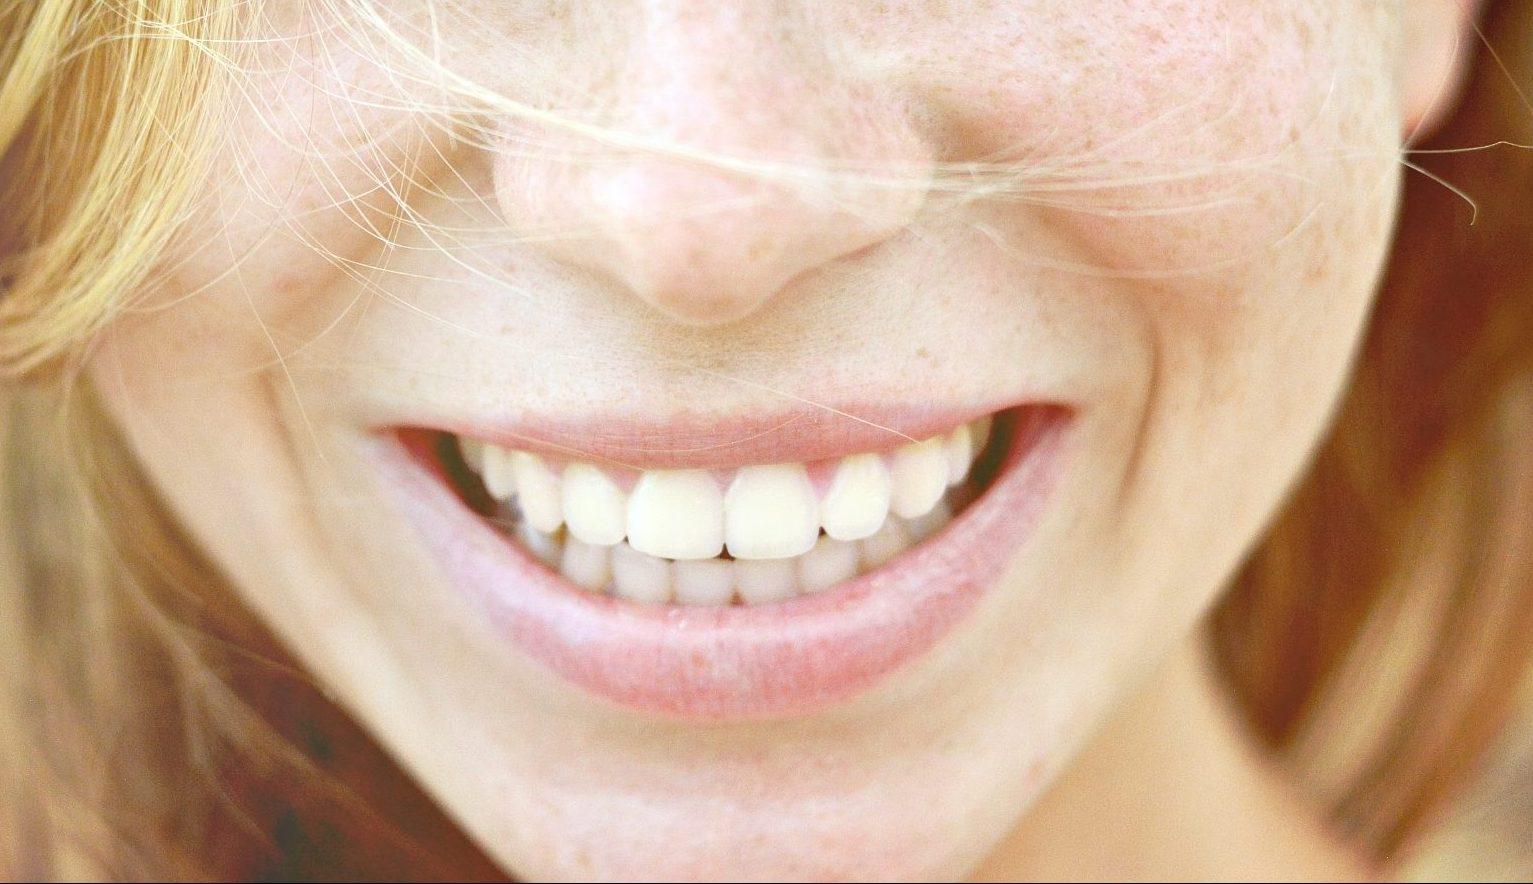 Deset korakov za zdrave zobe